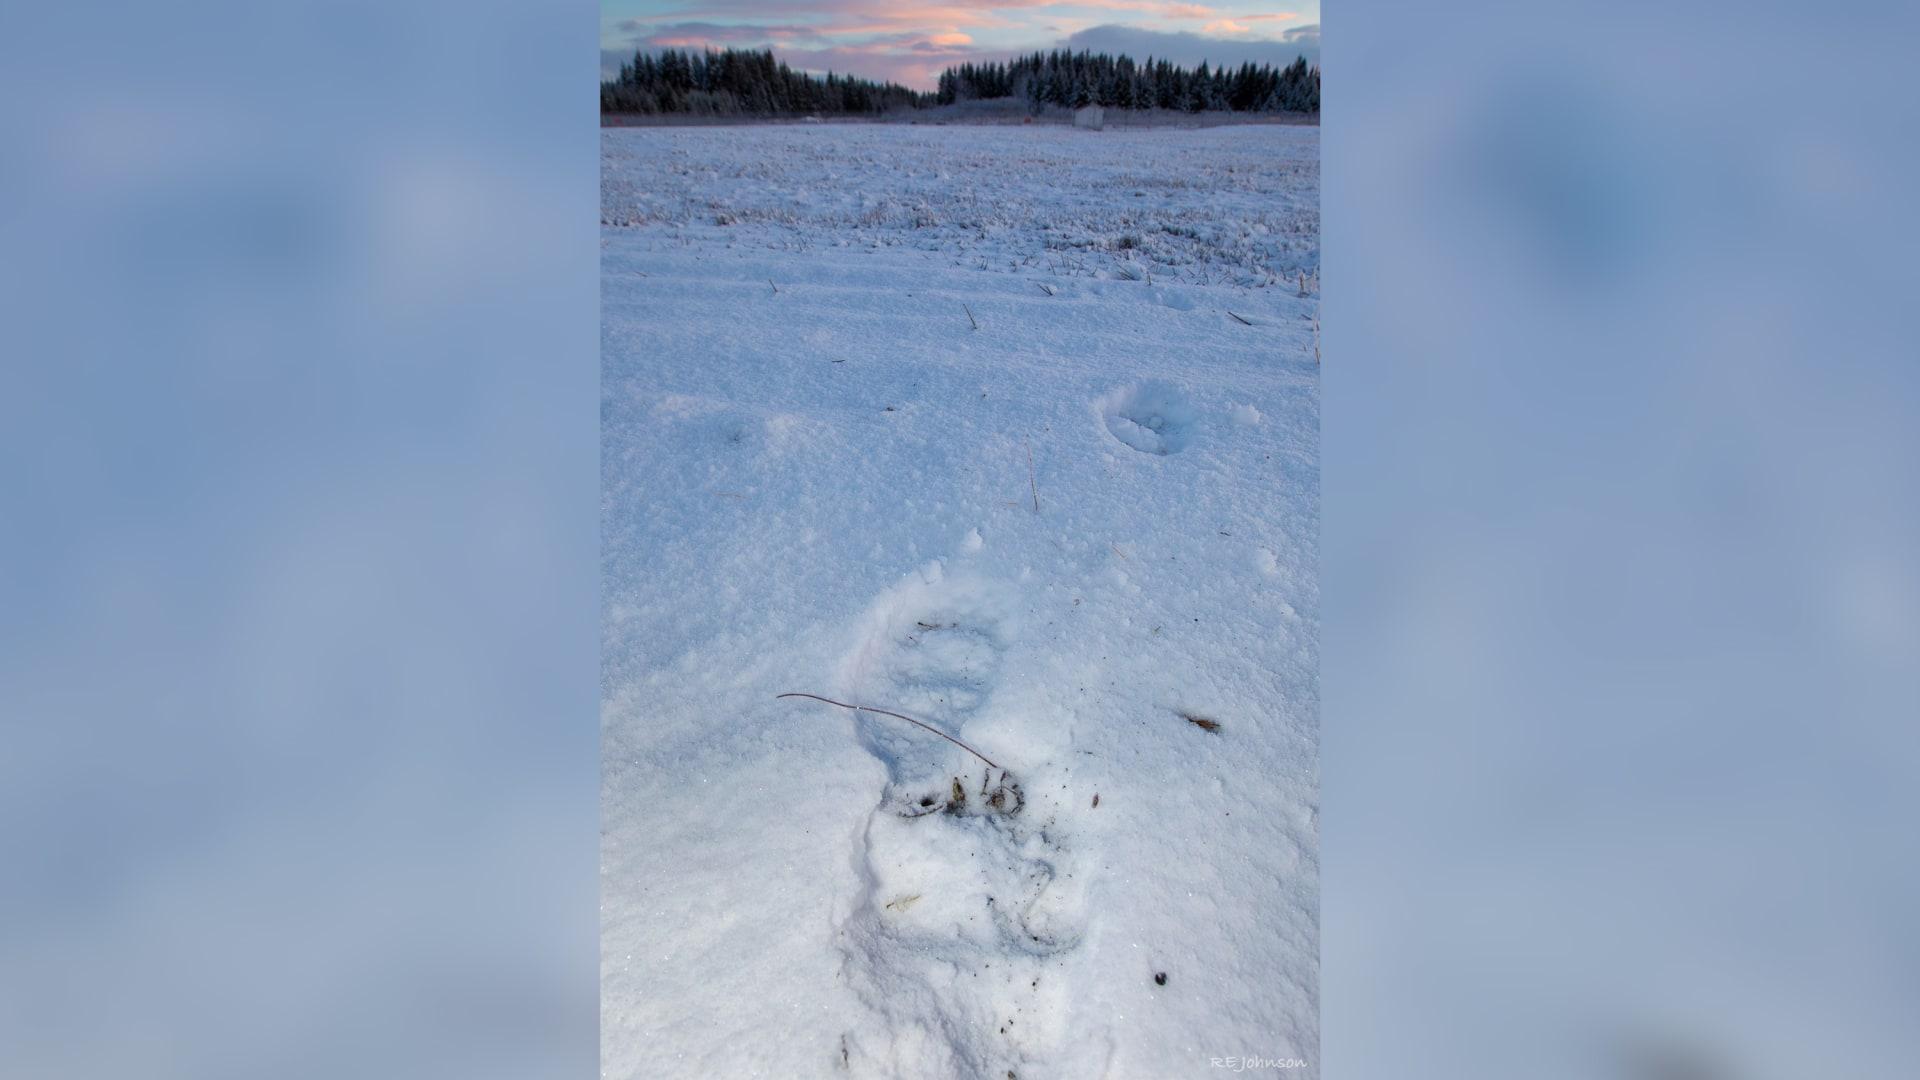 حادث غير متوقع.. طائرة ركاب تصدم دباً على المدرج أثناء الهبوط في ألاسكا